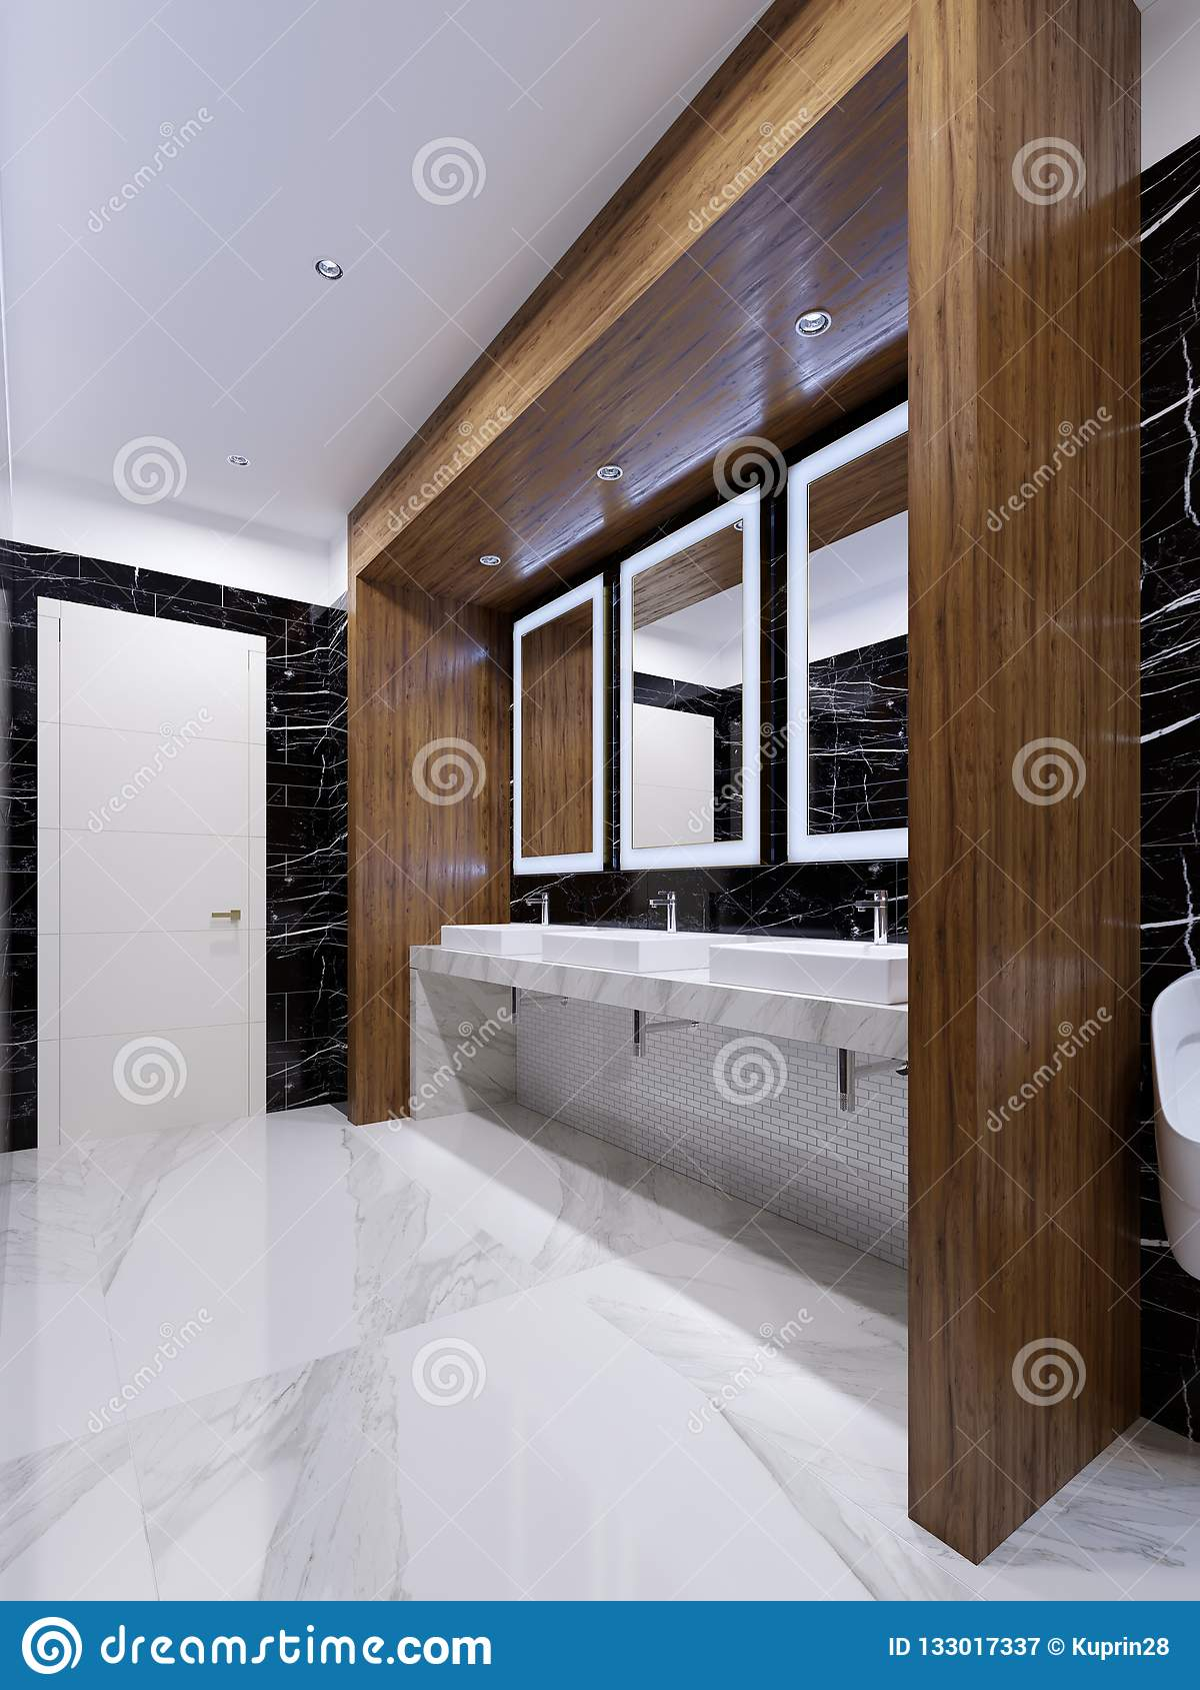 Ξύλινη θέση με τους καθρέφτες, τα φω τα και τους νεροχύτες στον τοίχο του μαύρου μαρμάρου σε μια δημόσια τουαλέτα